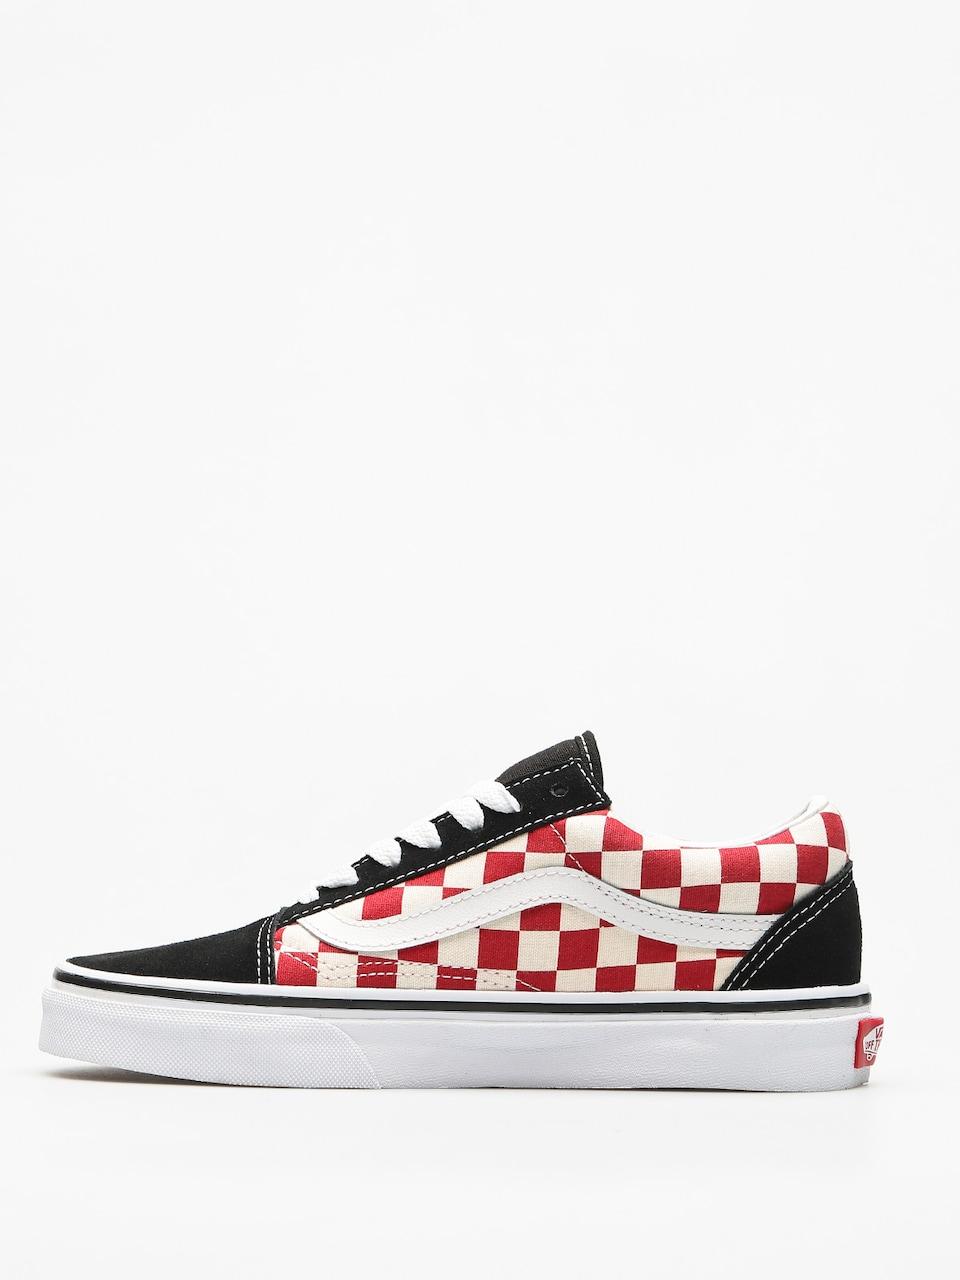 Vans Shoes Old Skool (checkerboard